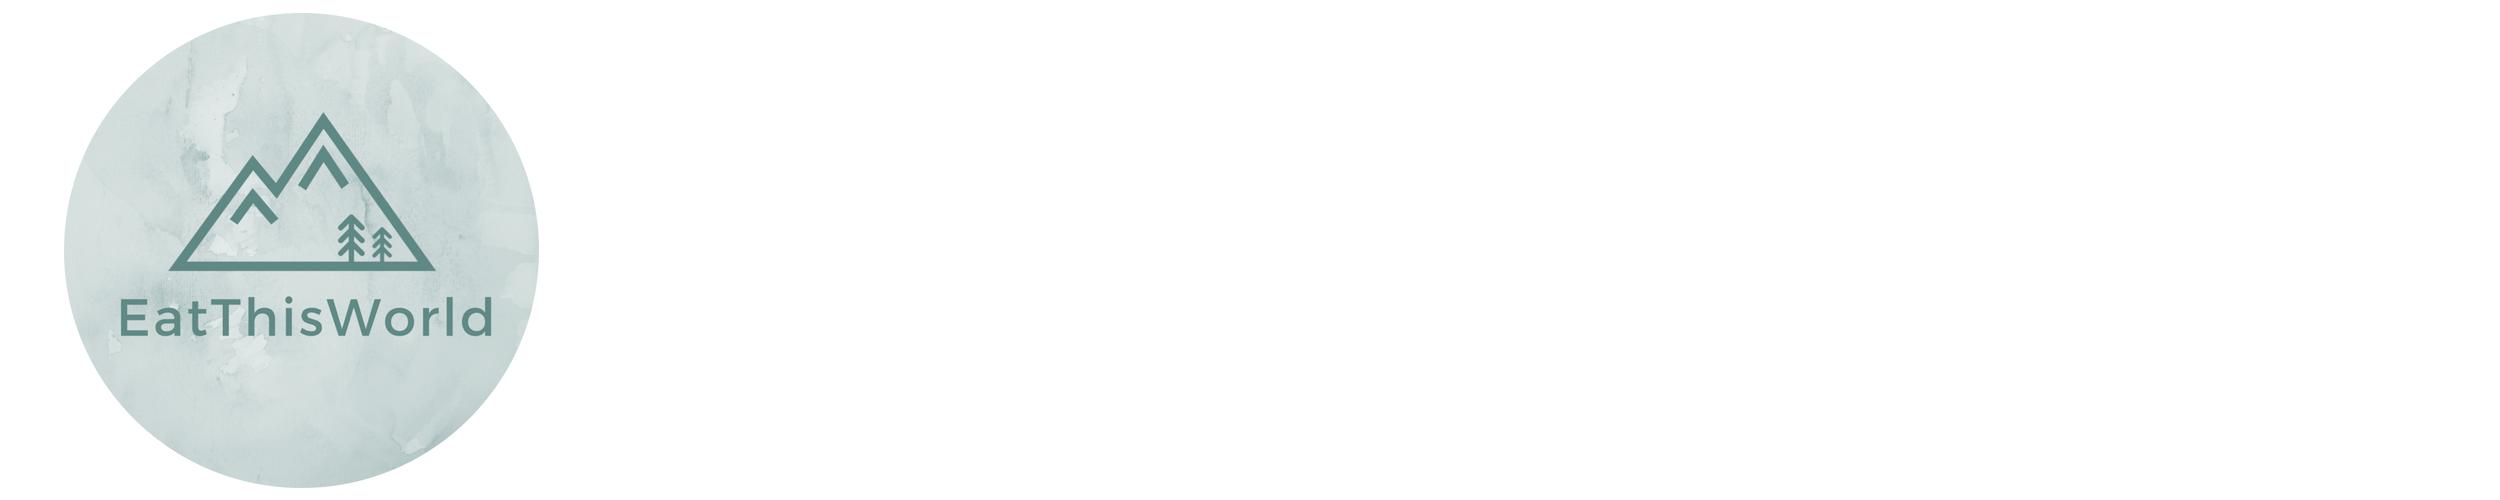 EatThisWorld - Logo Rund _1080 left.png